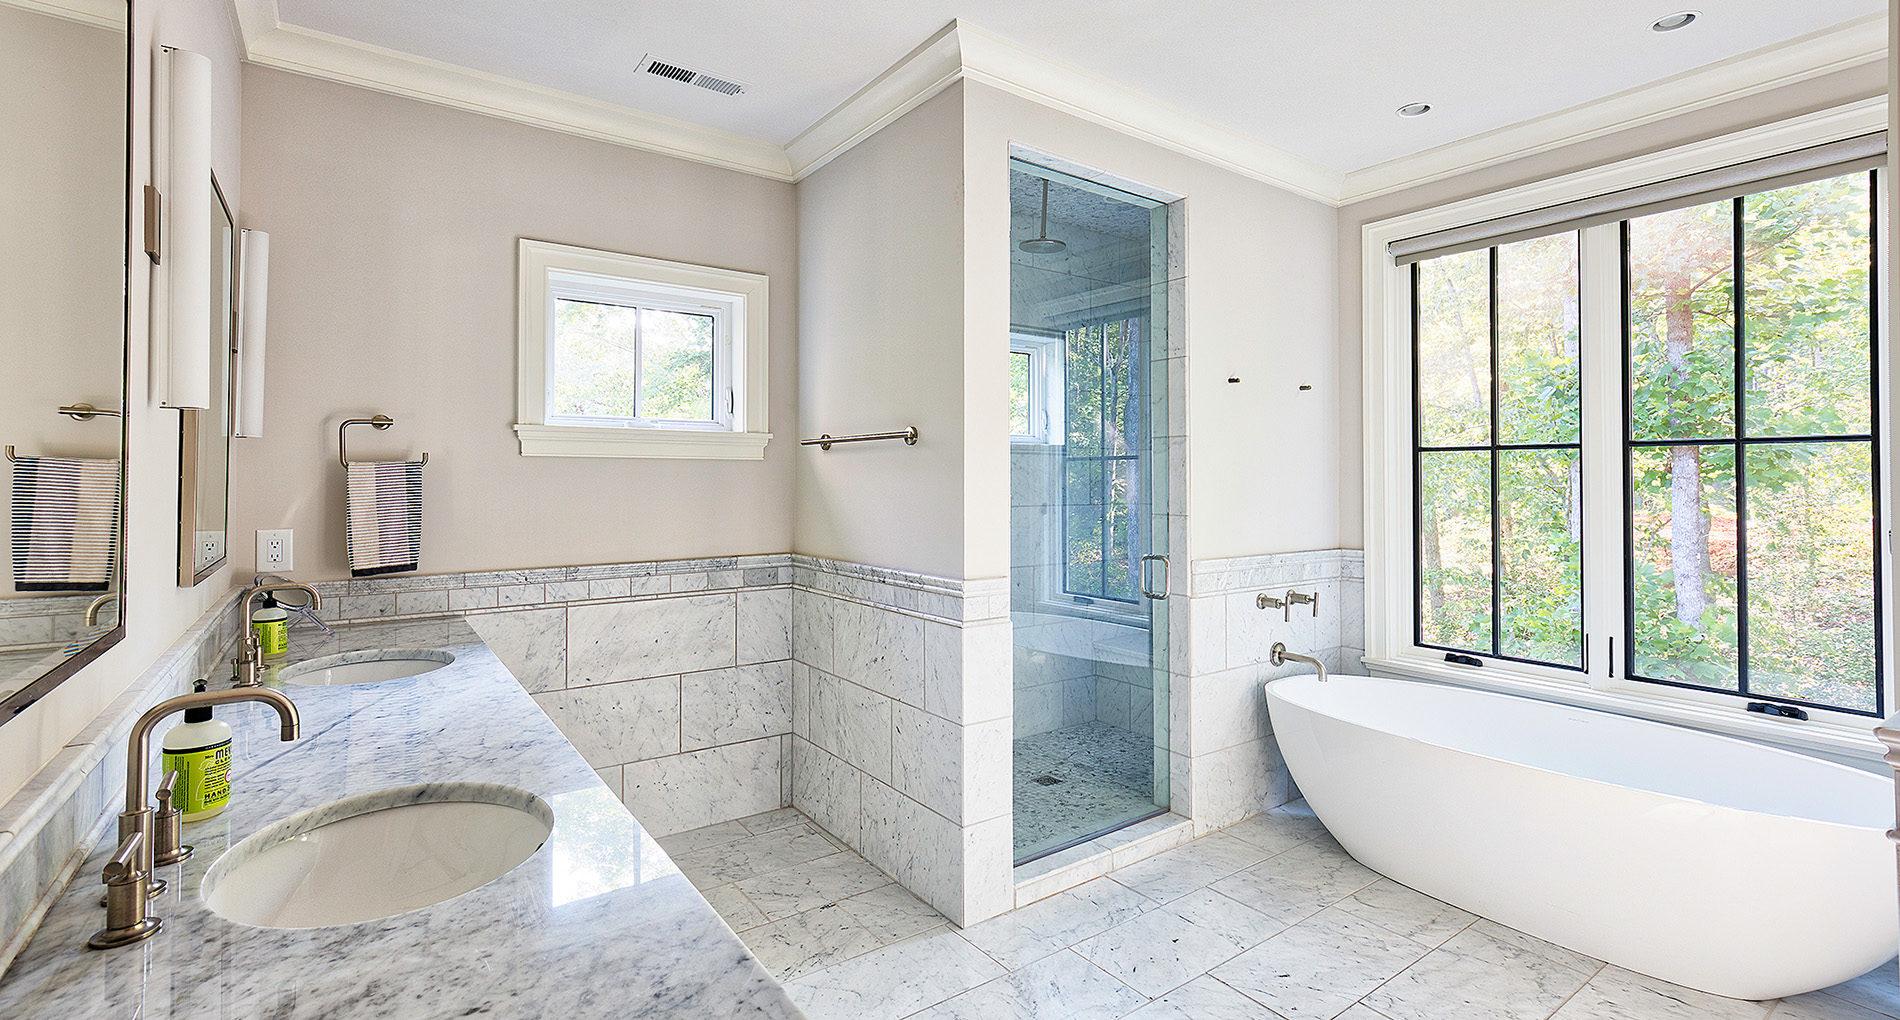 Bathroom Remodel Clemson Modernlake Slider